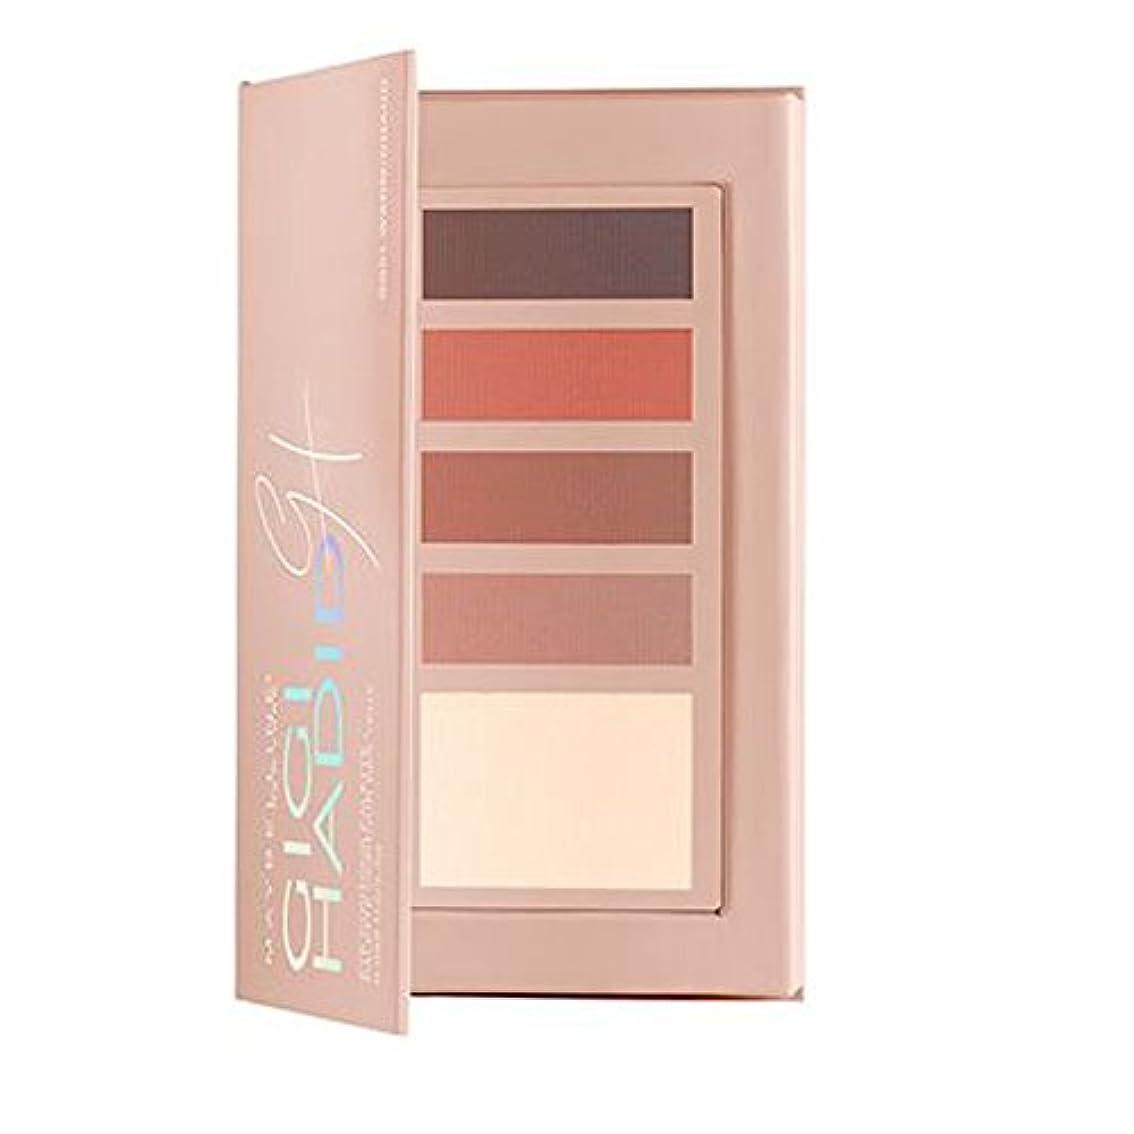 郊外副産物商標メイベリン Gigi Hadid Eye Contour palette - # GG01 Warm 2.5g/0.088oz並行輸入品